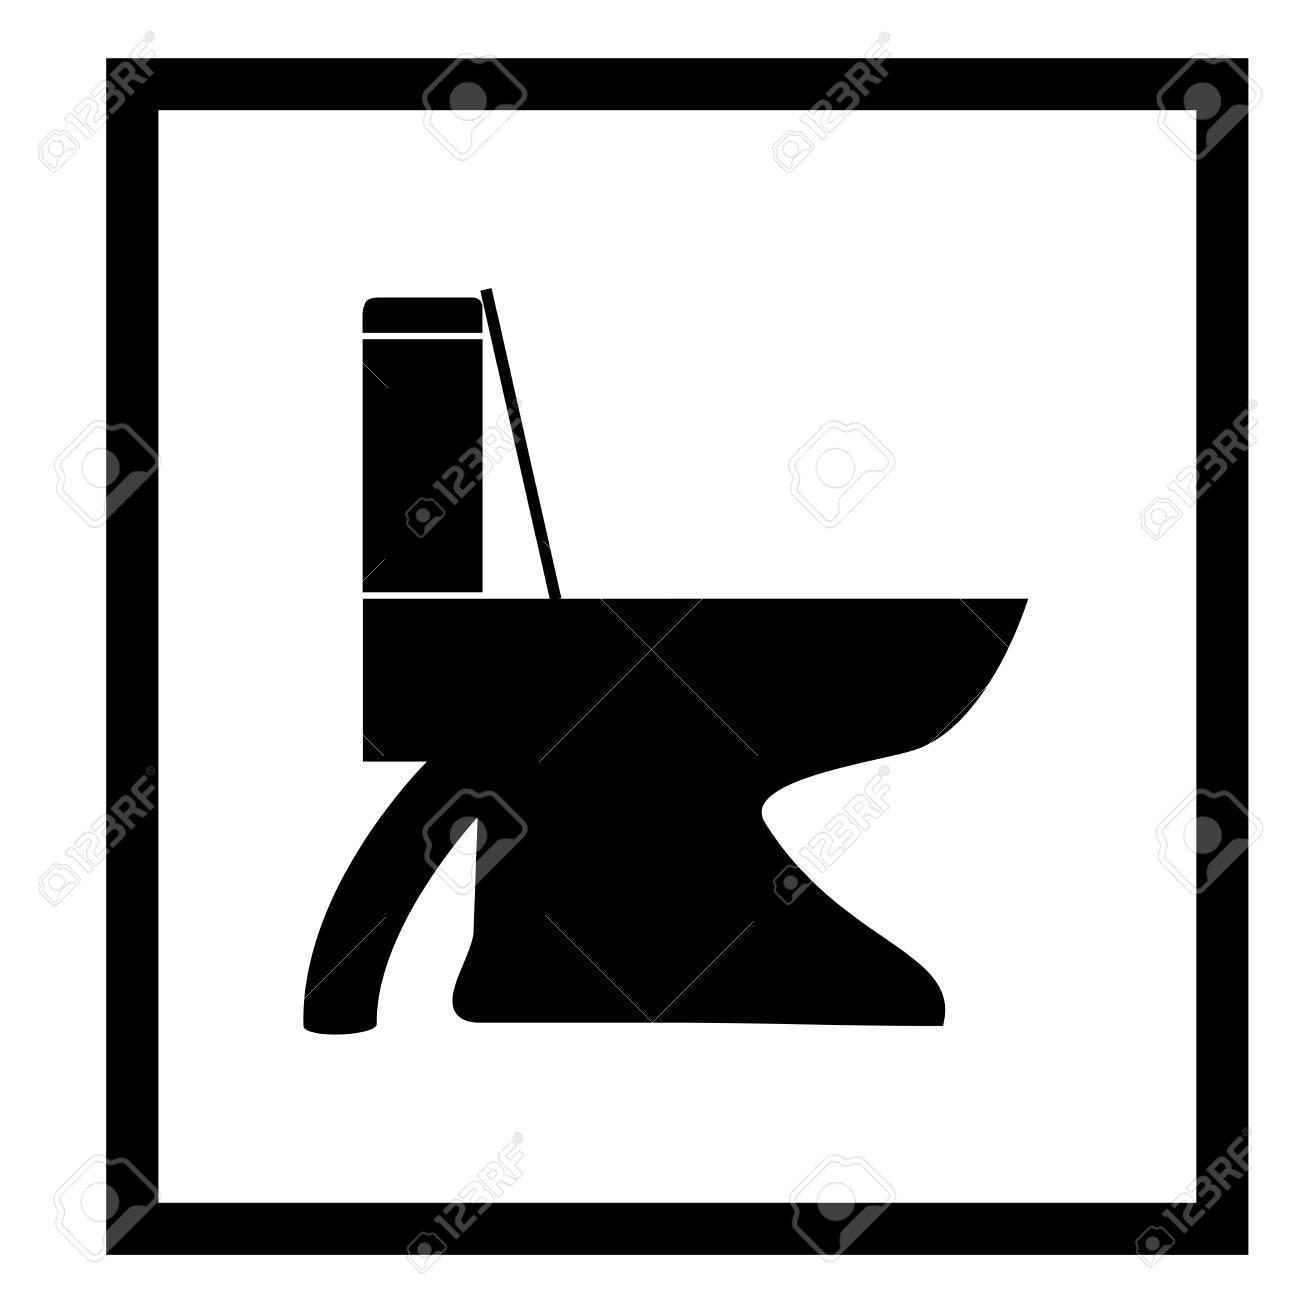 https://previews.123rf.com/images/yakovenkonataliia/yakovenkonataliia1712/yakovenkonataliia171200069/90917078-icona-di-servizi-igienici-in-quadrato-nero-firma-l%C3%AC-del-sedile-del-bagno-il-cartello-permette-di-fare-.jpg